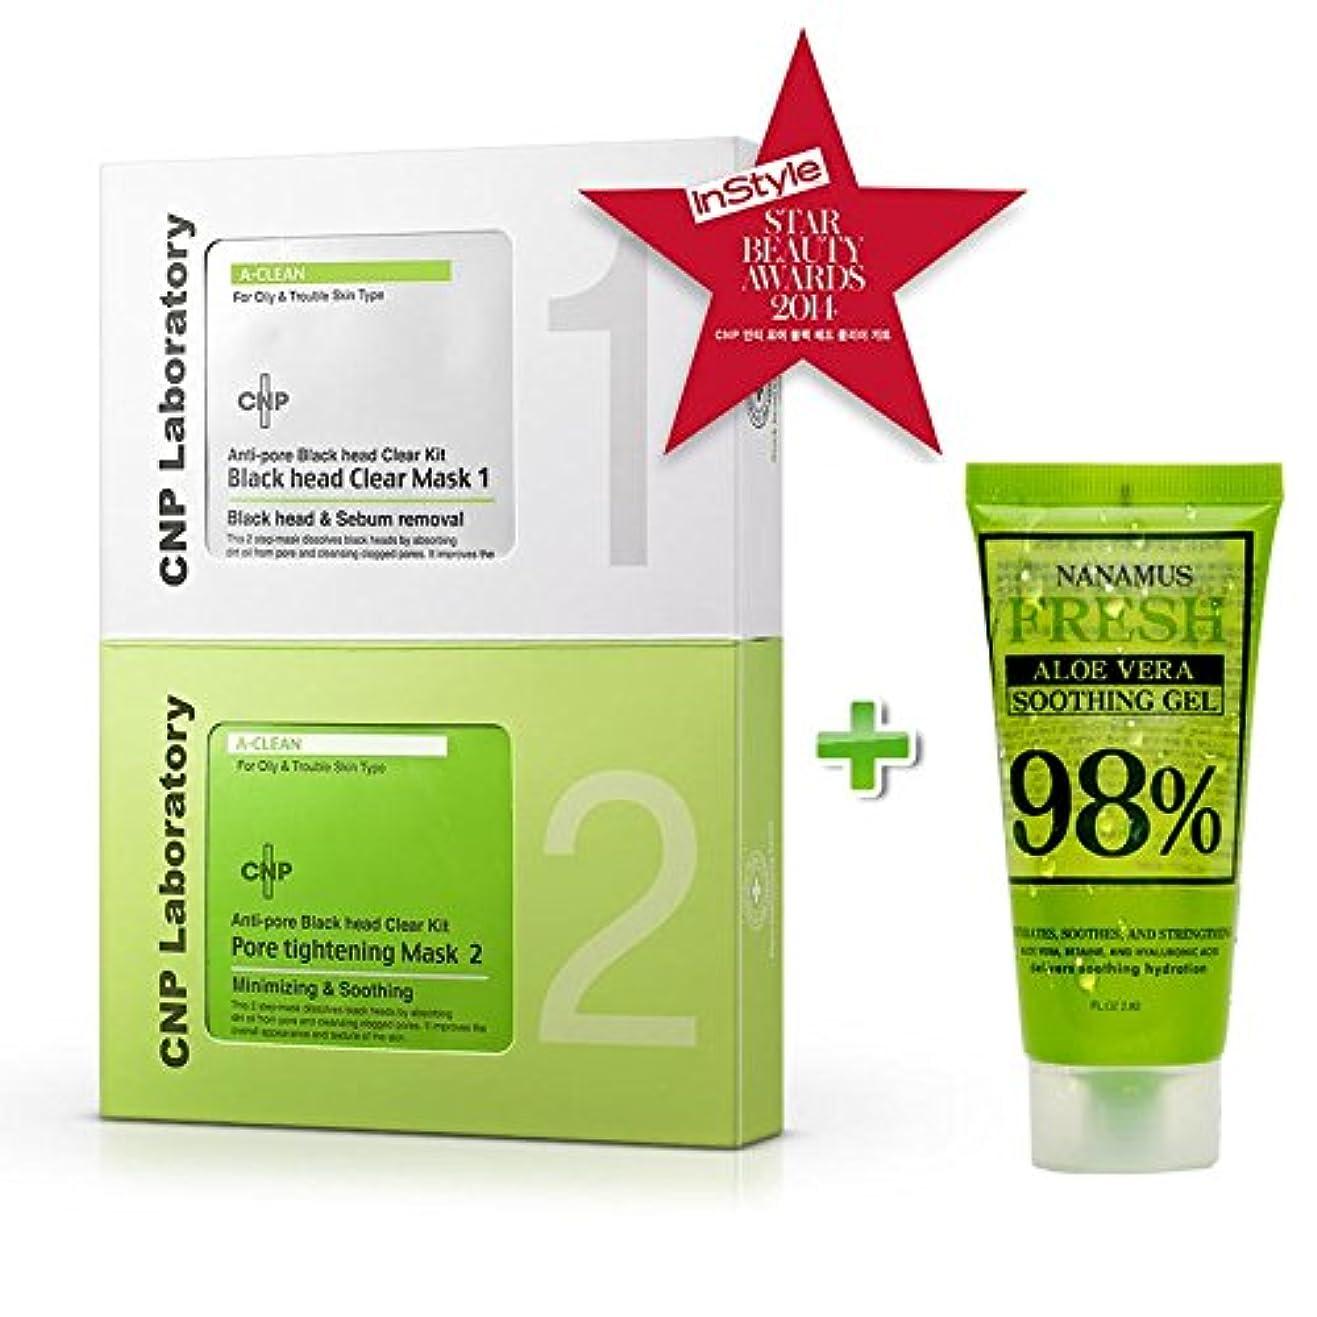 木残るぶどう差額泊/CNP Anti-pore Black head Clear Kit/ アンチポアブラックヘッドクリアキット (10枚)+ Gift アロエ98% ナナムース スディンジェル(海外直送品)